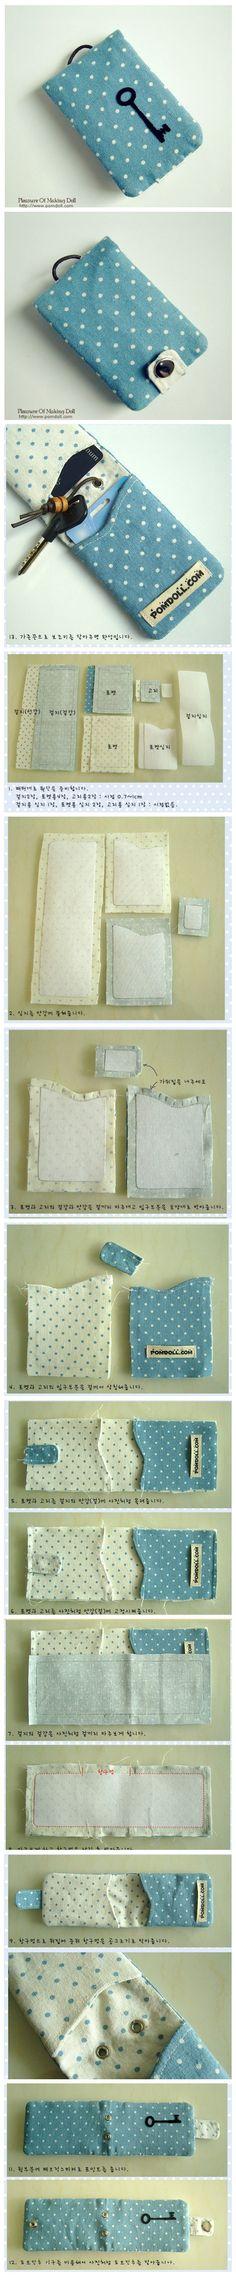 韩国微博里发现的公交卡包.jpg